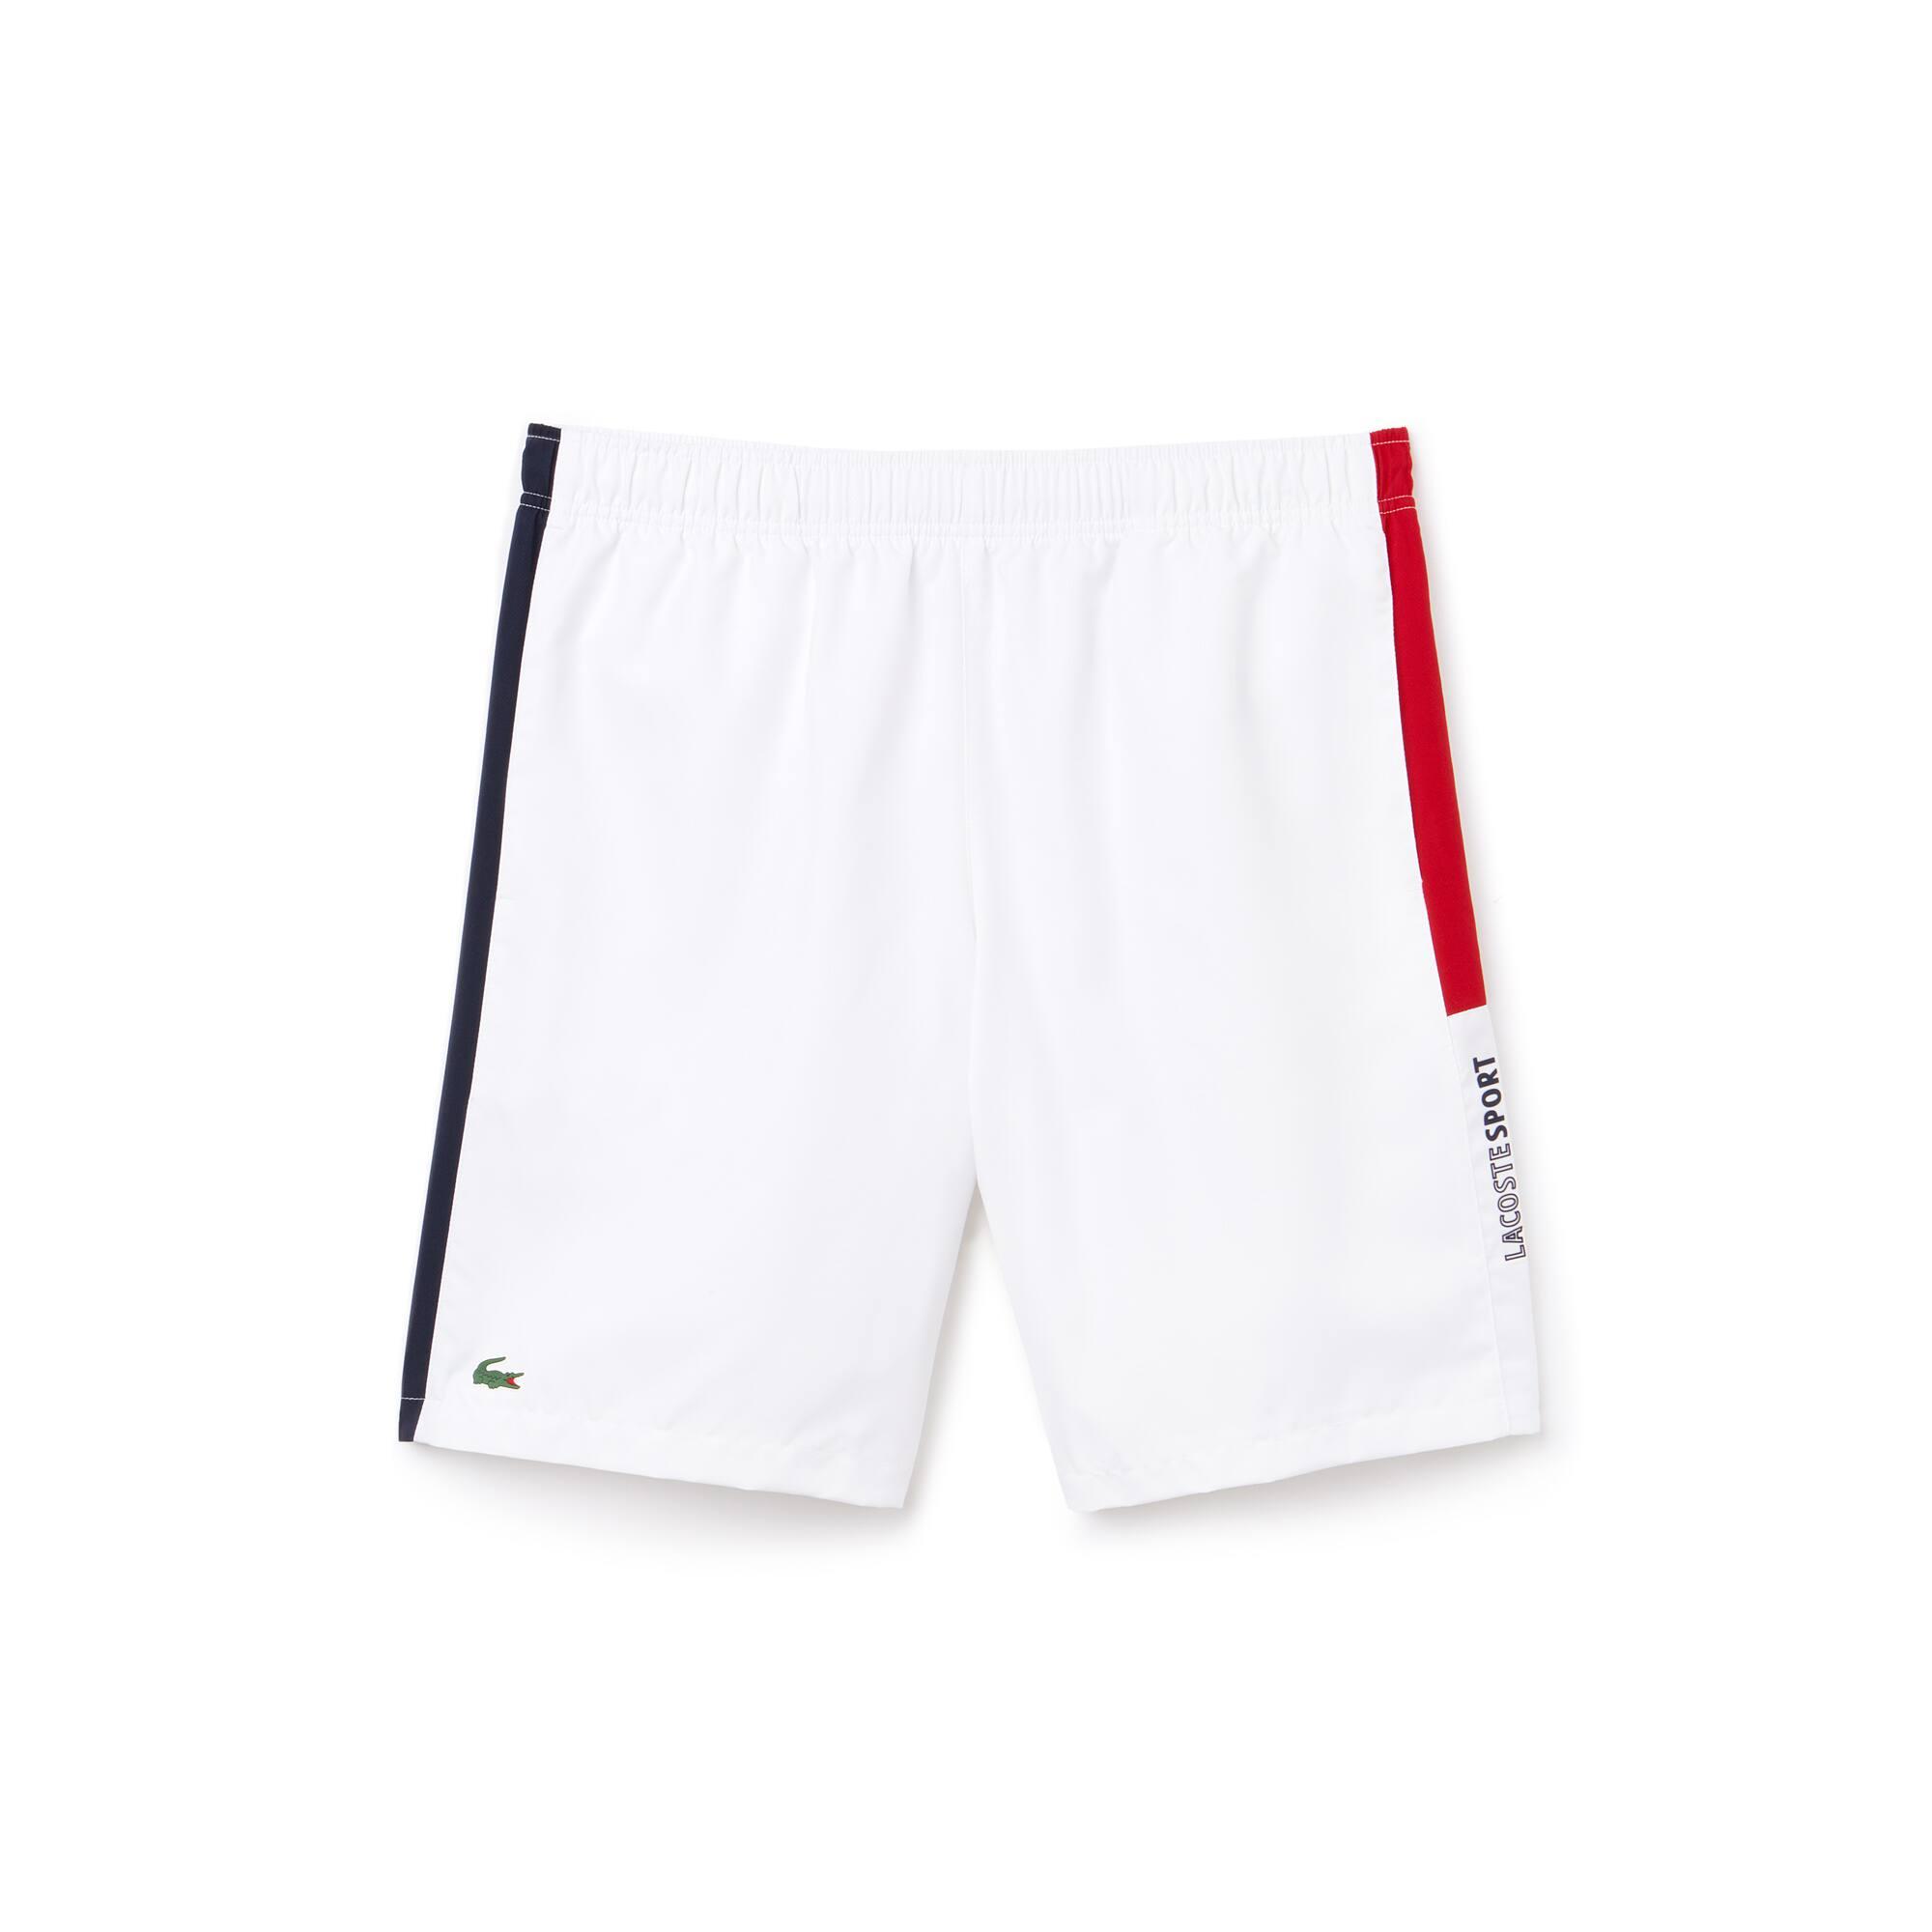 Short Tennis Lacoste SPORT en taffetas avec bandes colorées